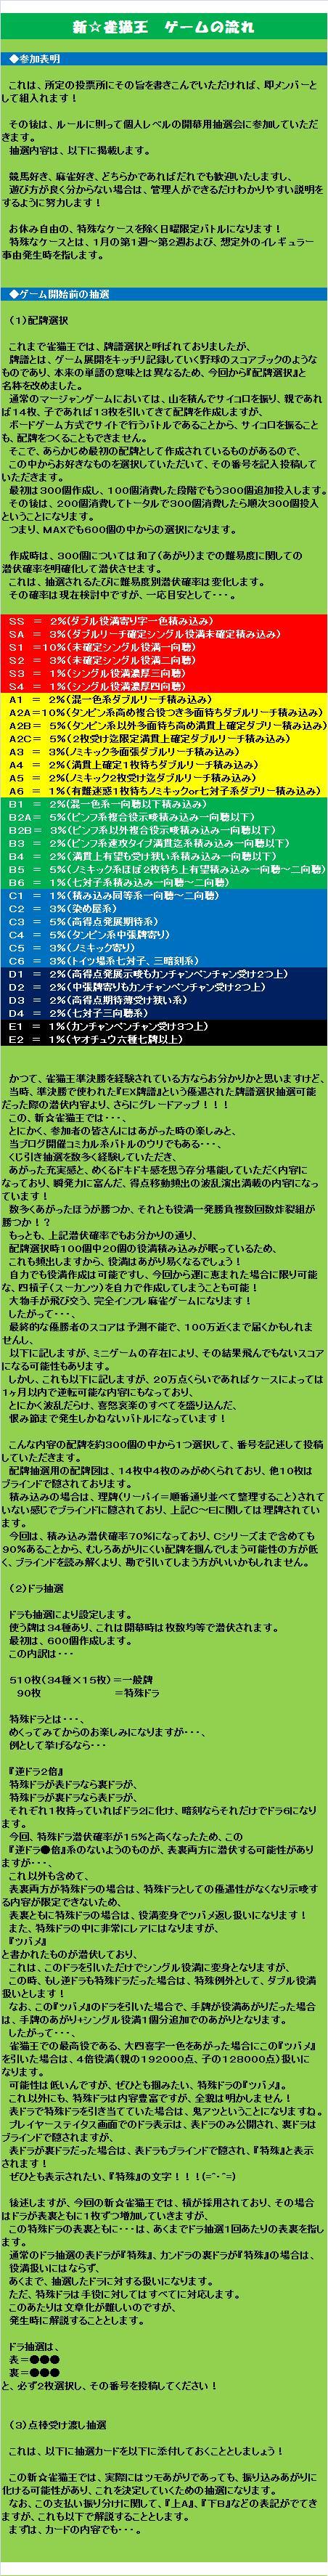 20140512・新☆雀猫王詳細④.jpg